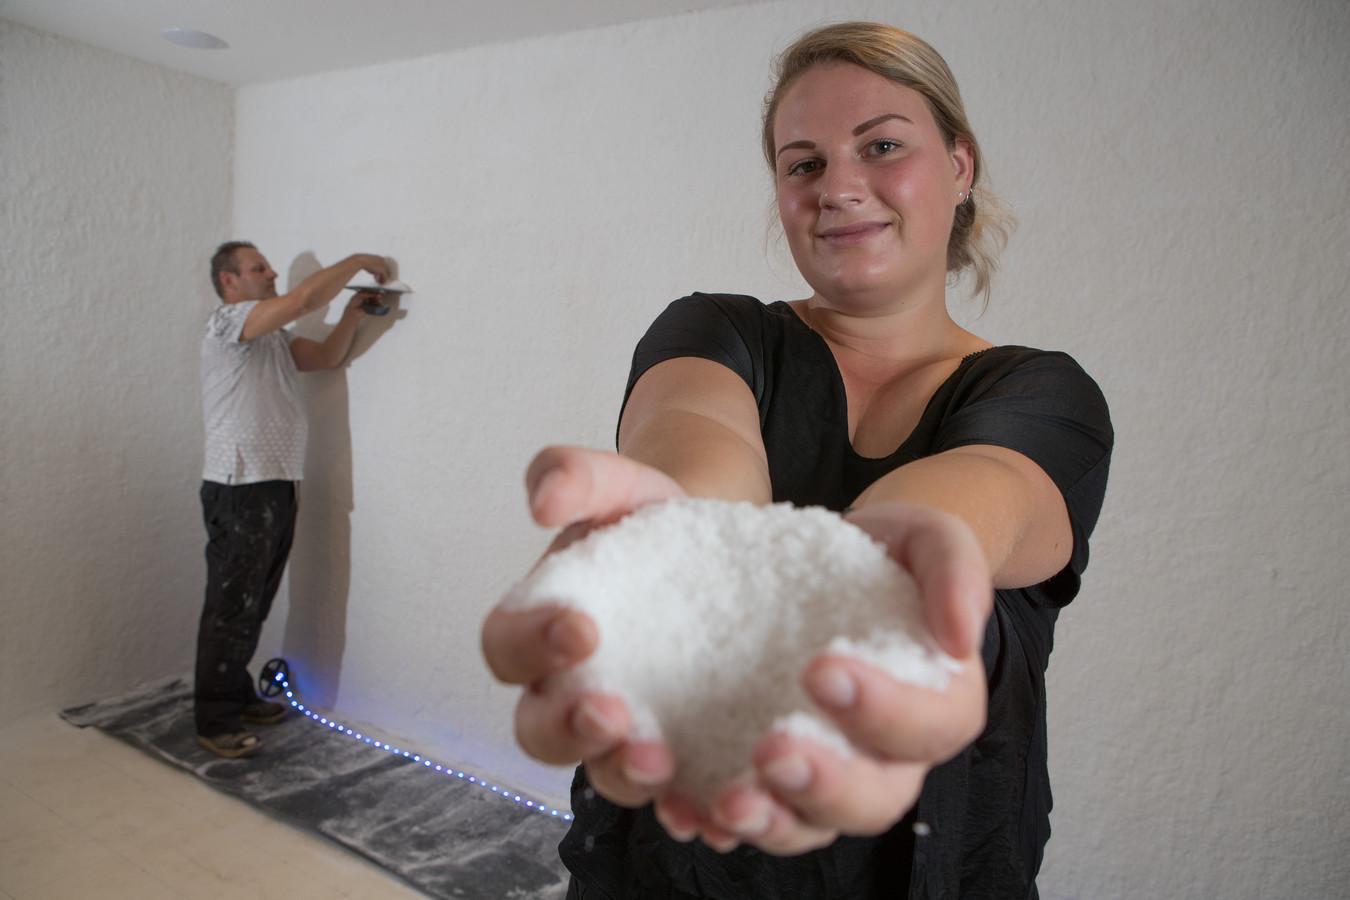 Kilo's zout heeft Rob Hulsebos de afgelopen dagen op de wanden van de eerste zoutkamer van Salland aangebracht. De komende weken wordt de ruimte afgewerkt en moet er nog een laag van vijf centimeter zout op de vloer komen. Medio oktober openen Rob en dochter Kashley Zoutkamer Salland.